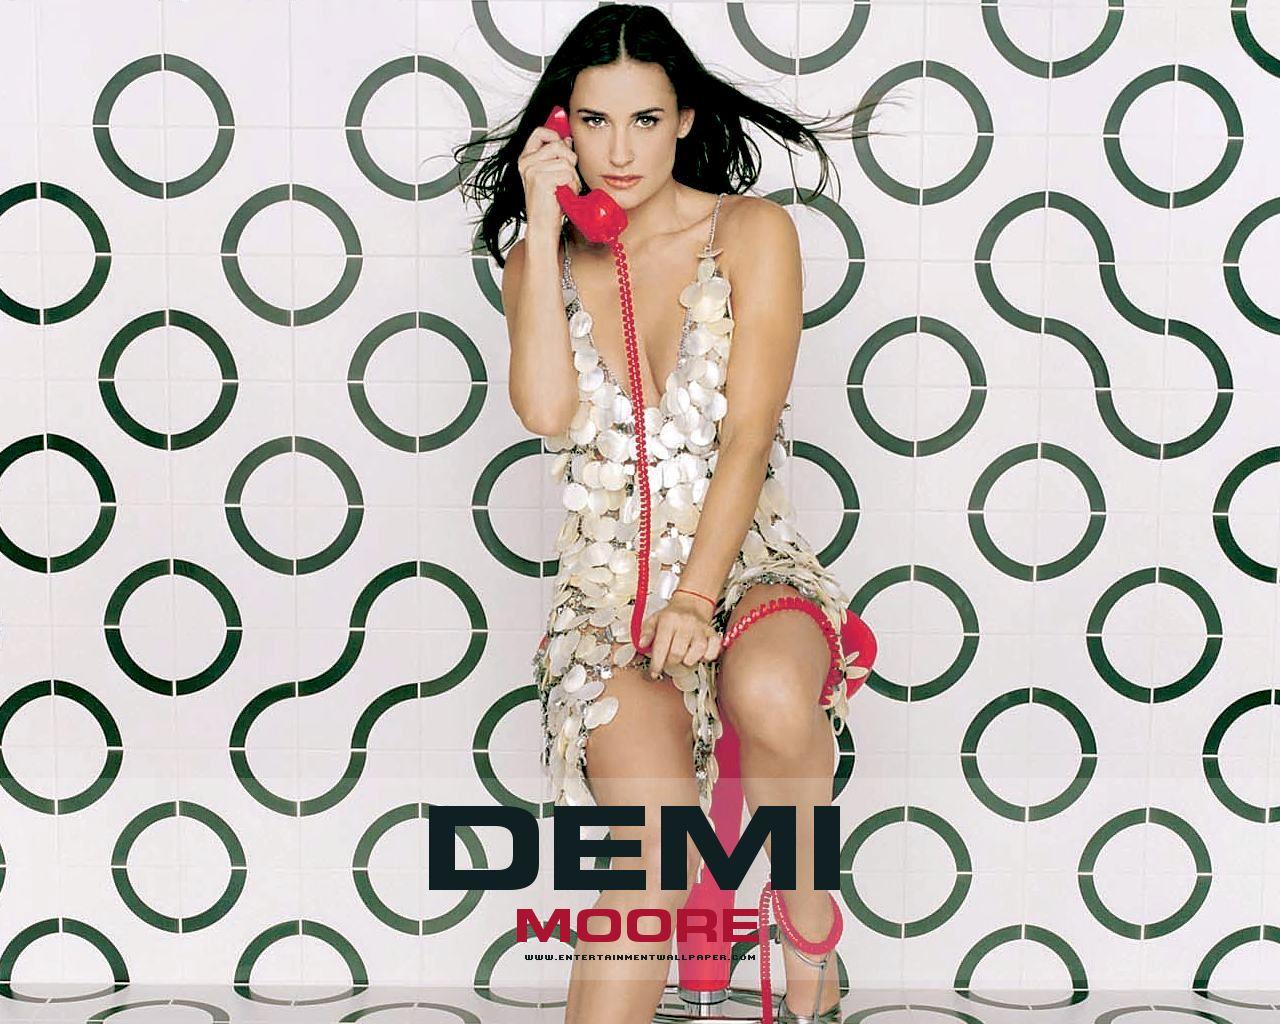 http://1.bp.blogspot.com/-eM-zTN4fVrc/ToZKYNLmPZI/AAAAAAAAQ8s/AAQ5DEZTrF0/s1600/Demi-Moore-Wallpapers.jpg